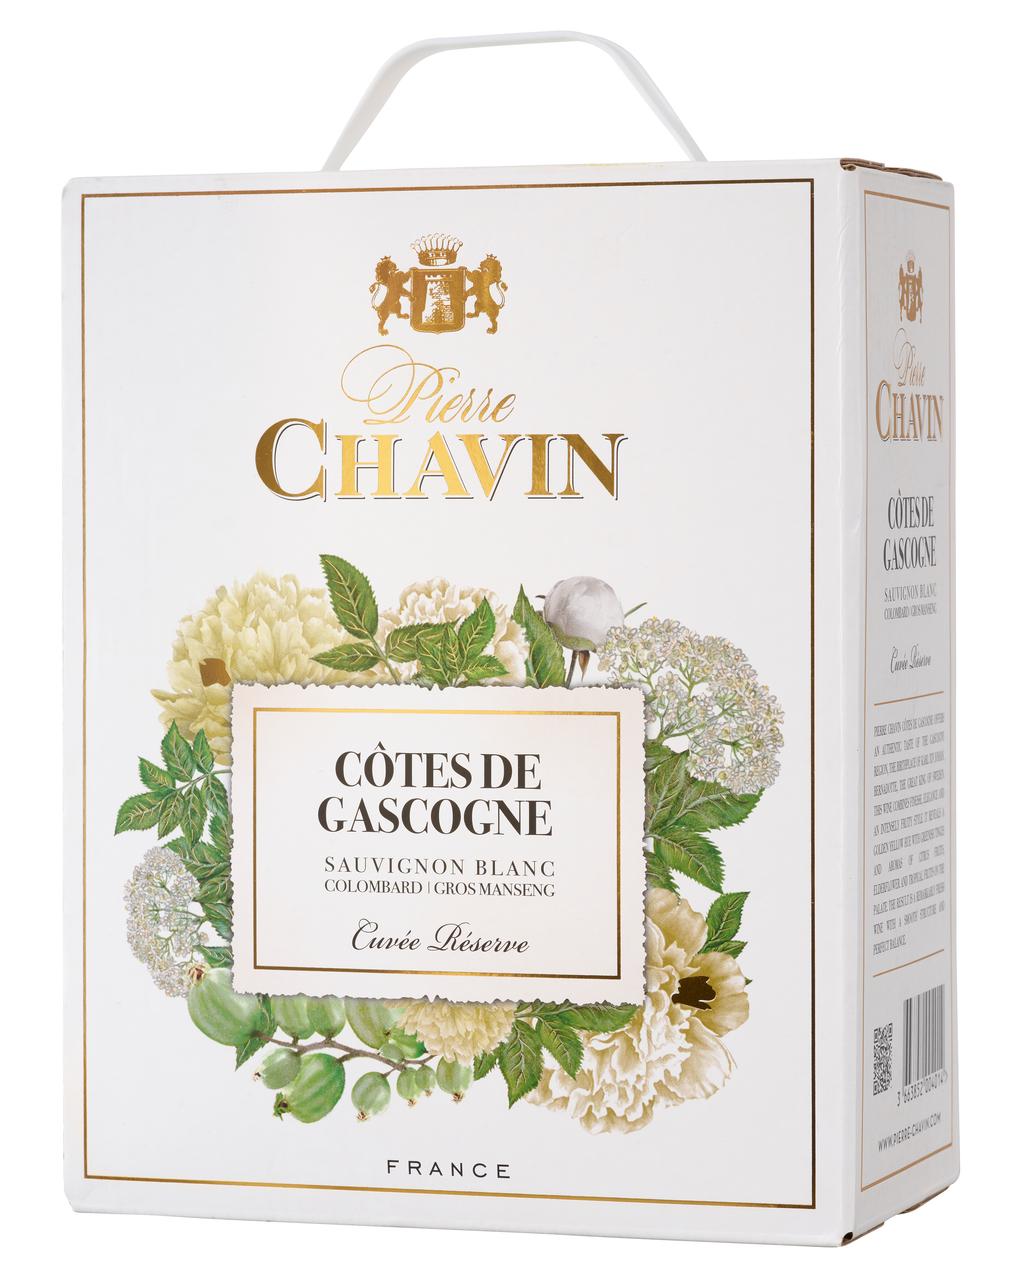 Pierre Chavin Côtes de Gascogne